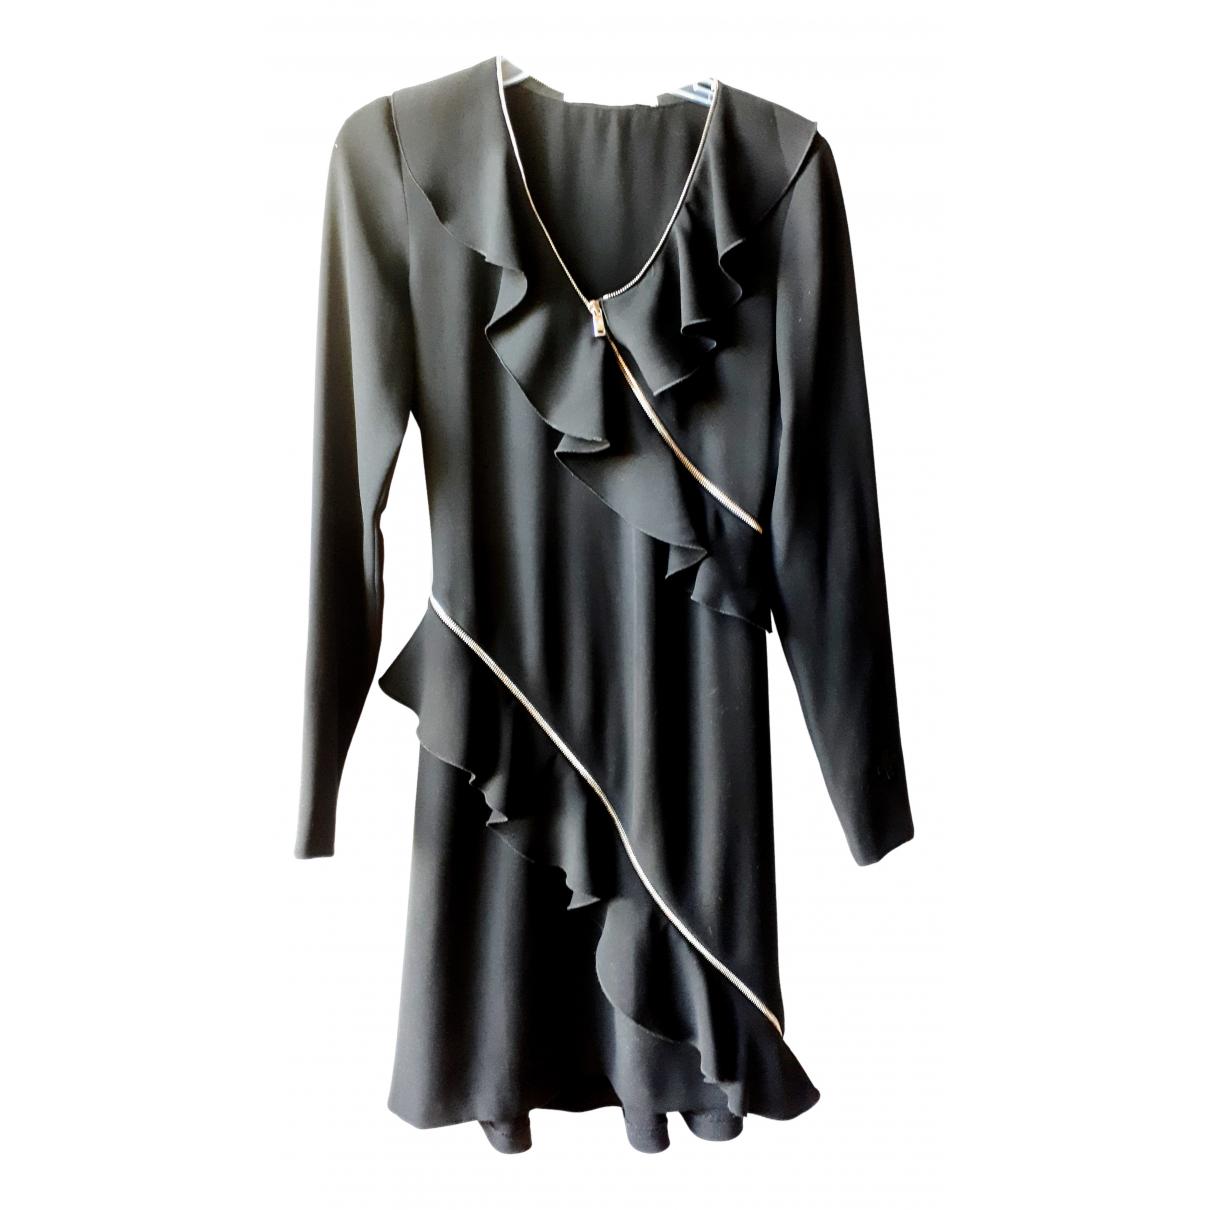 Jc De Castelbajac \N Black dress for Women 38 FR